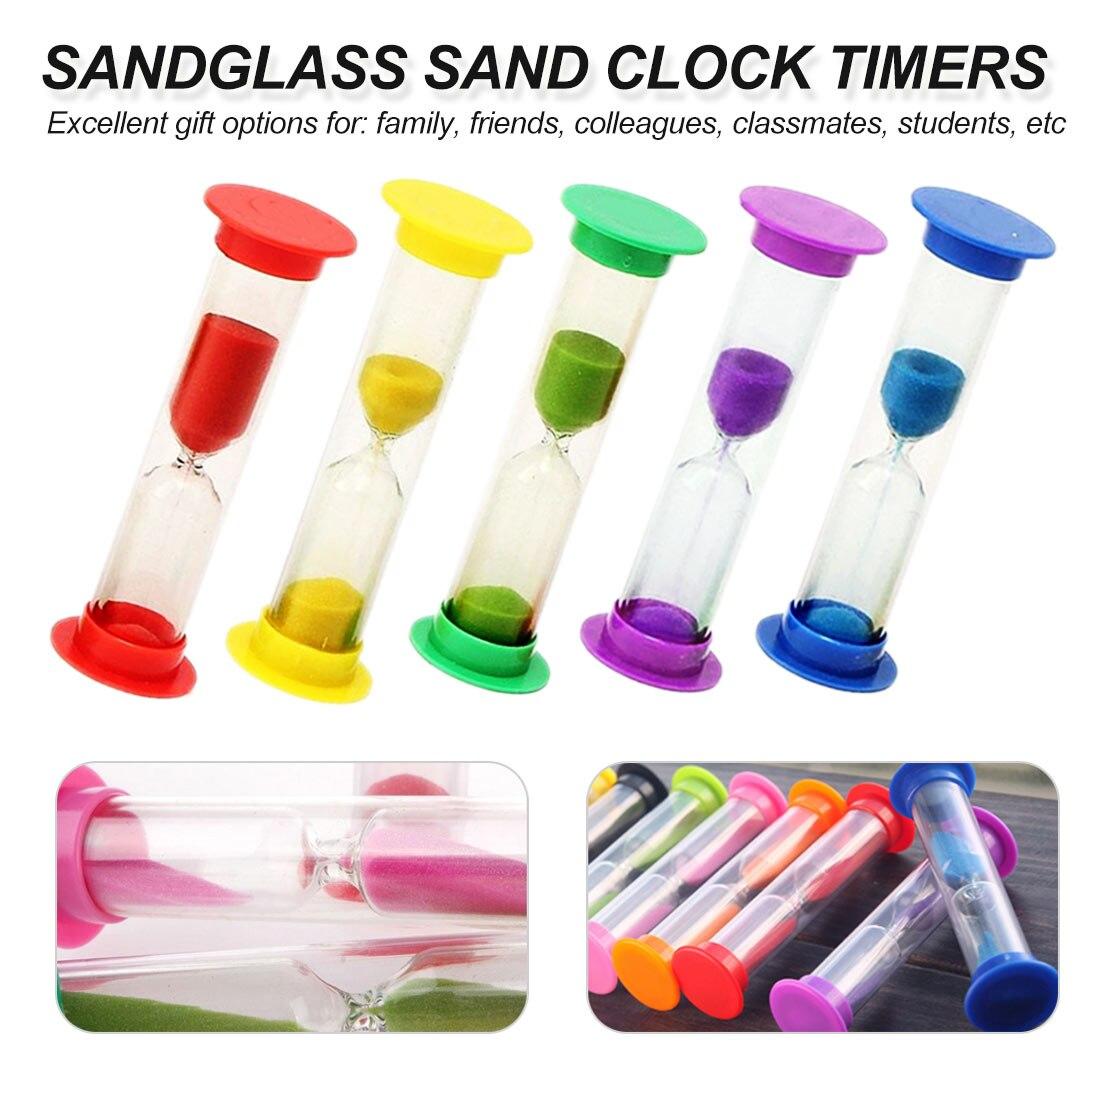 砂時計タイマー 1 分/10 分/3 分/5 分カラフルな砂時計砂時計の砂タイマー 5 色選択するホームデコ